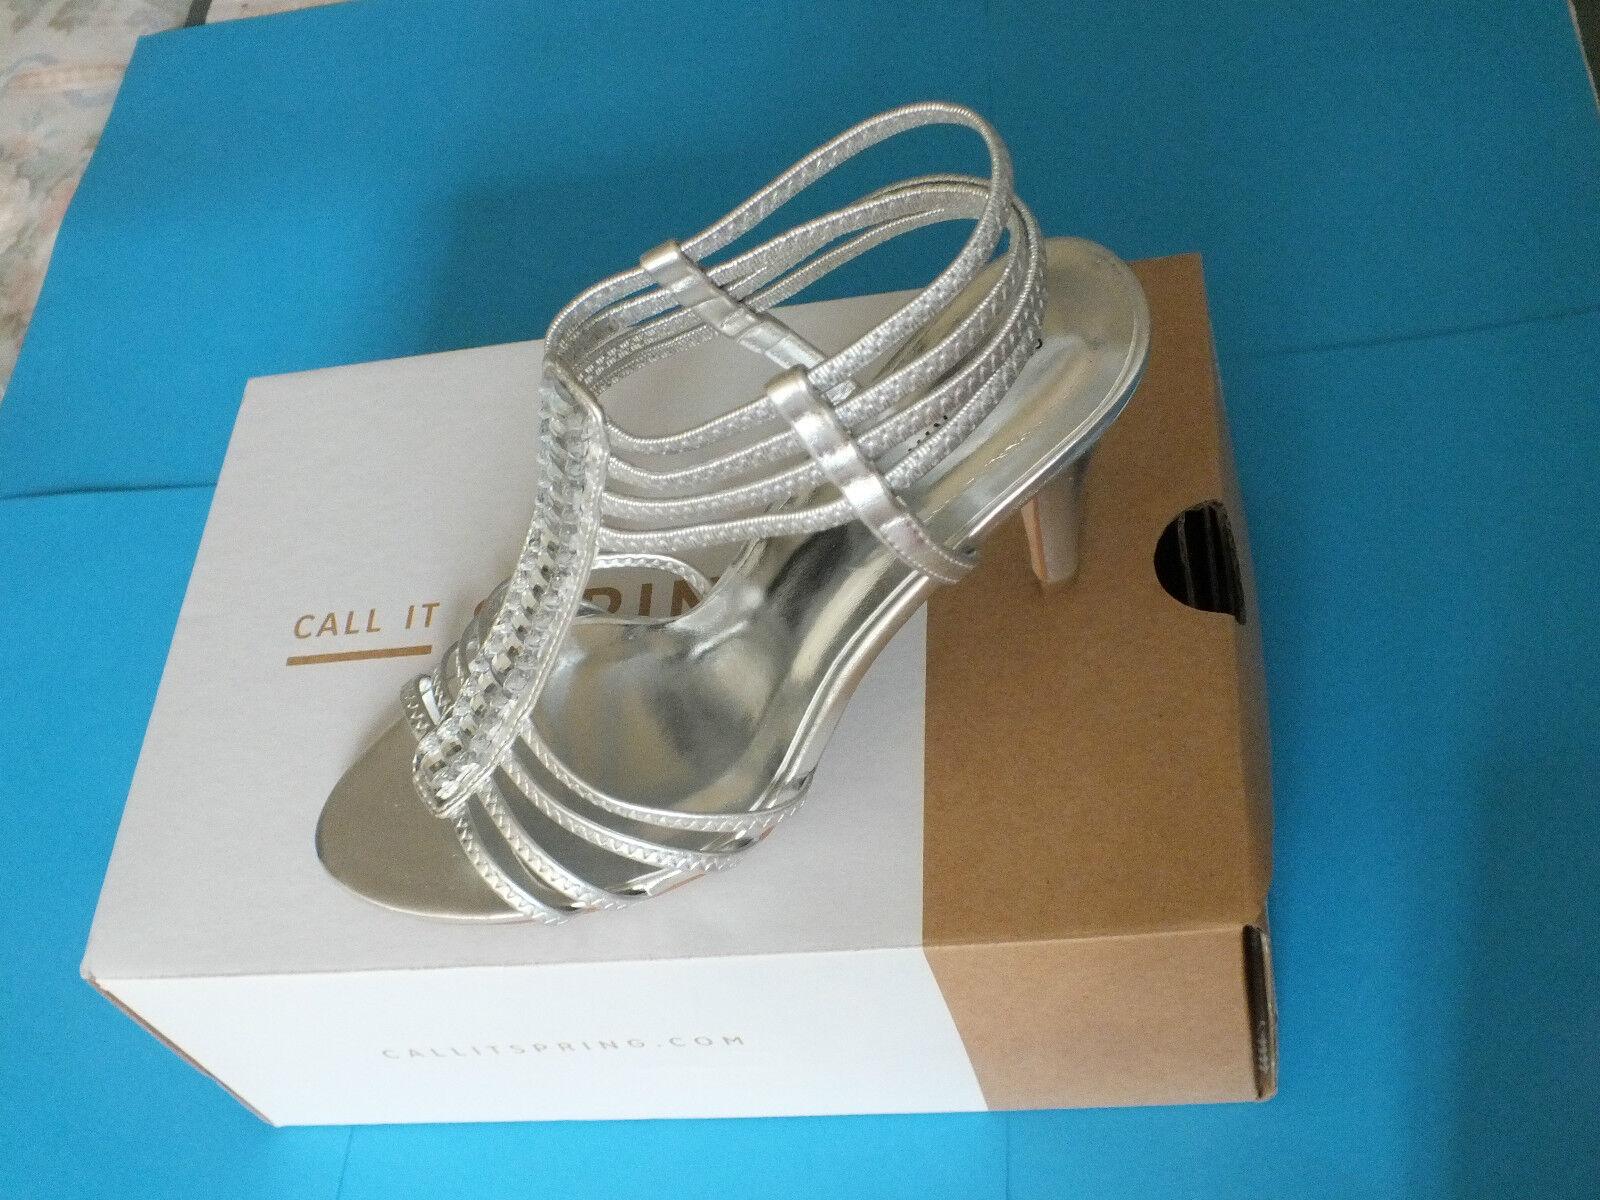 nuovi prodotti novità Sandali Donna Tacco Alto - - argentoo-Call It Spring Spring Spring .00 NUOVO GRATIS P & P  prendiamo i clienti come nostro dio